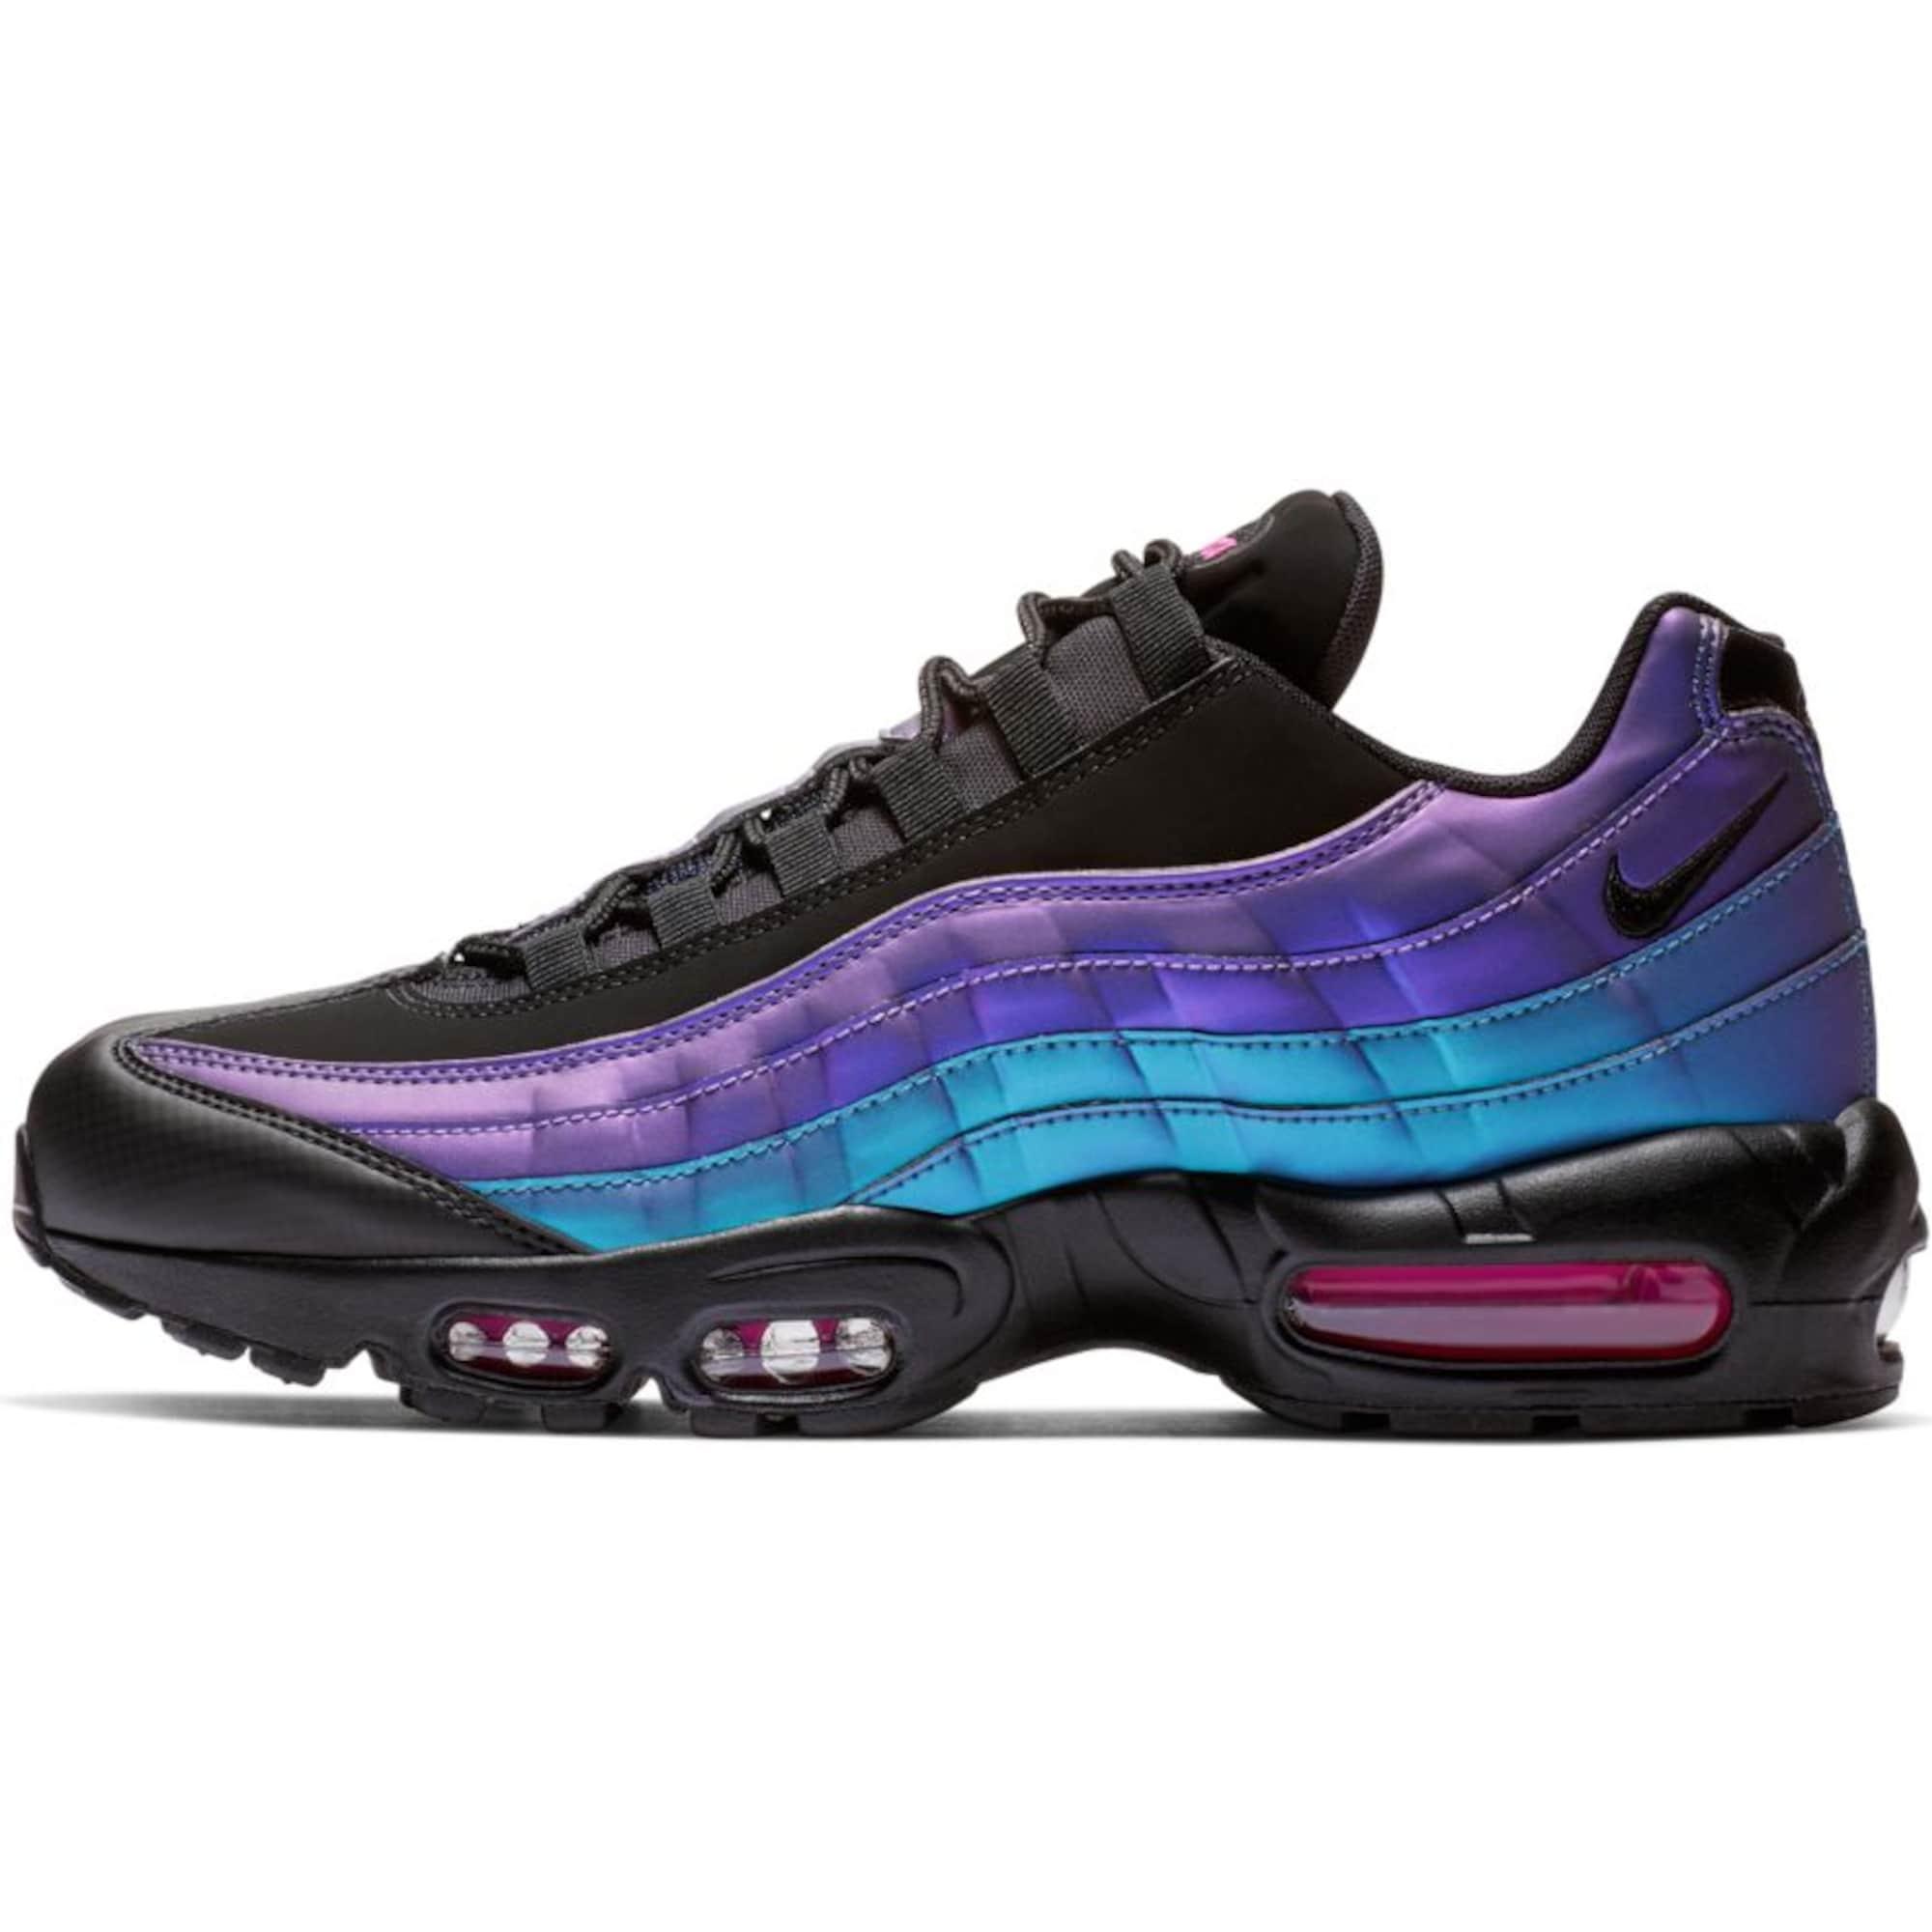 Tenisky Air Max 95 Premium svítivě modrá tmavě fialová černá Nike Sportswear